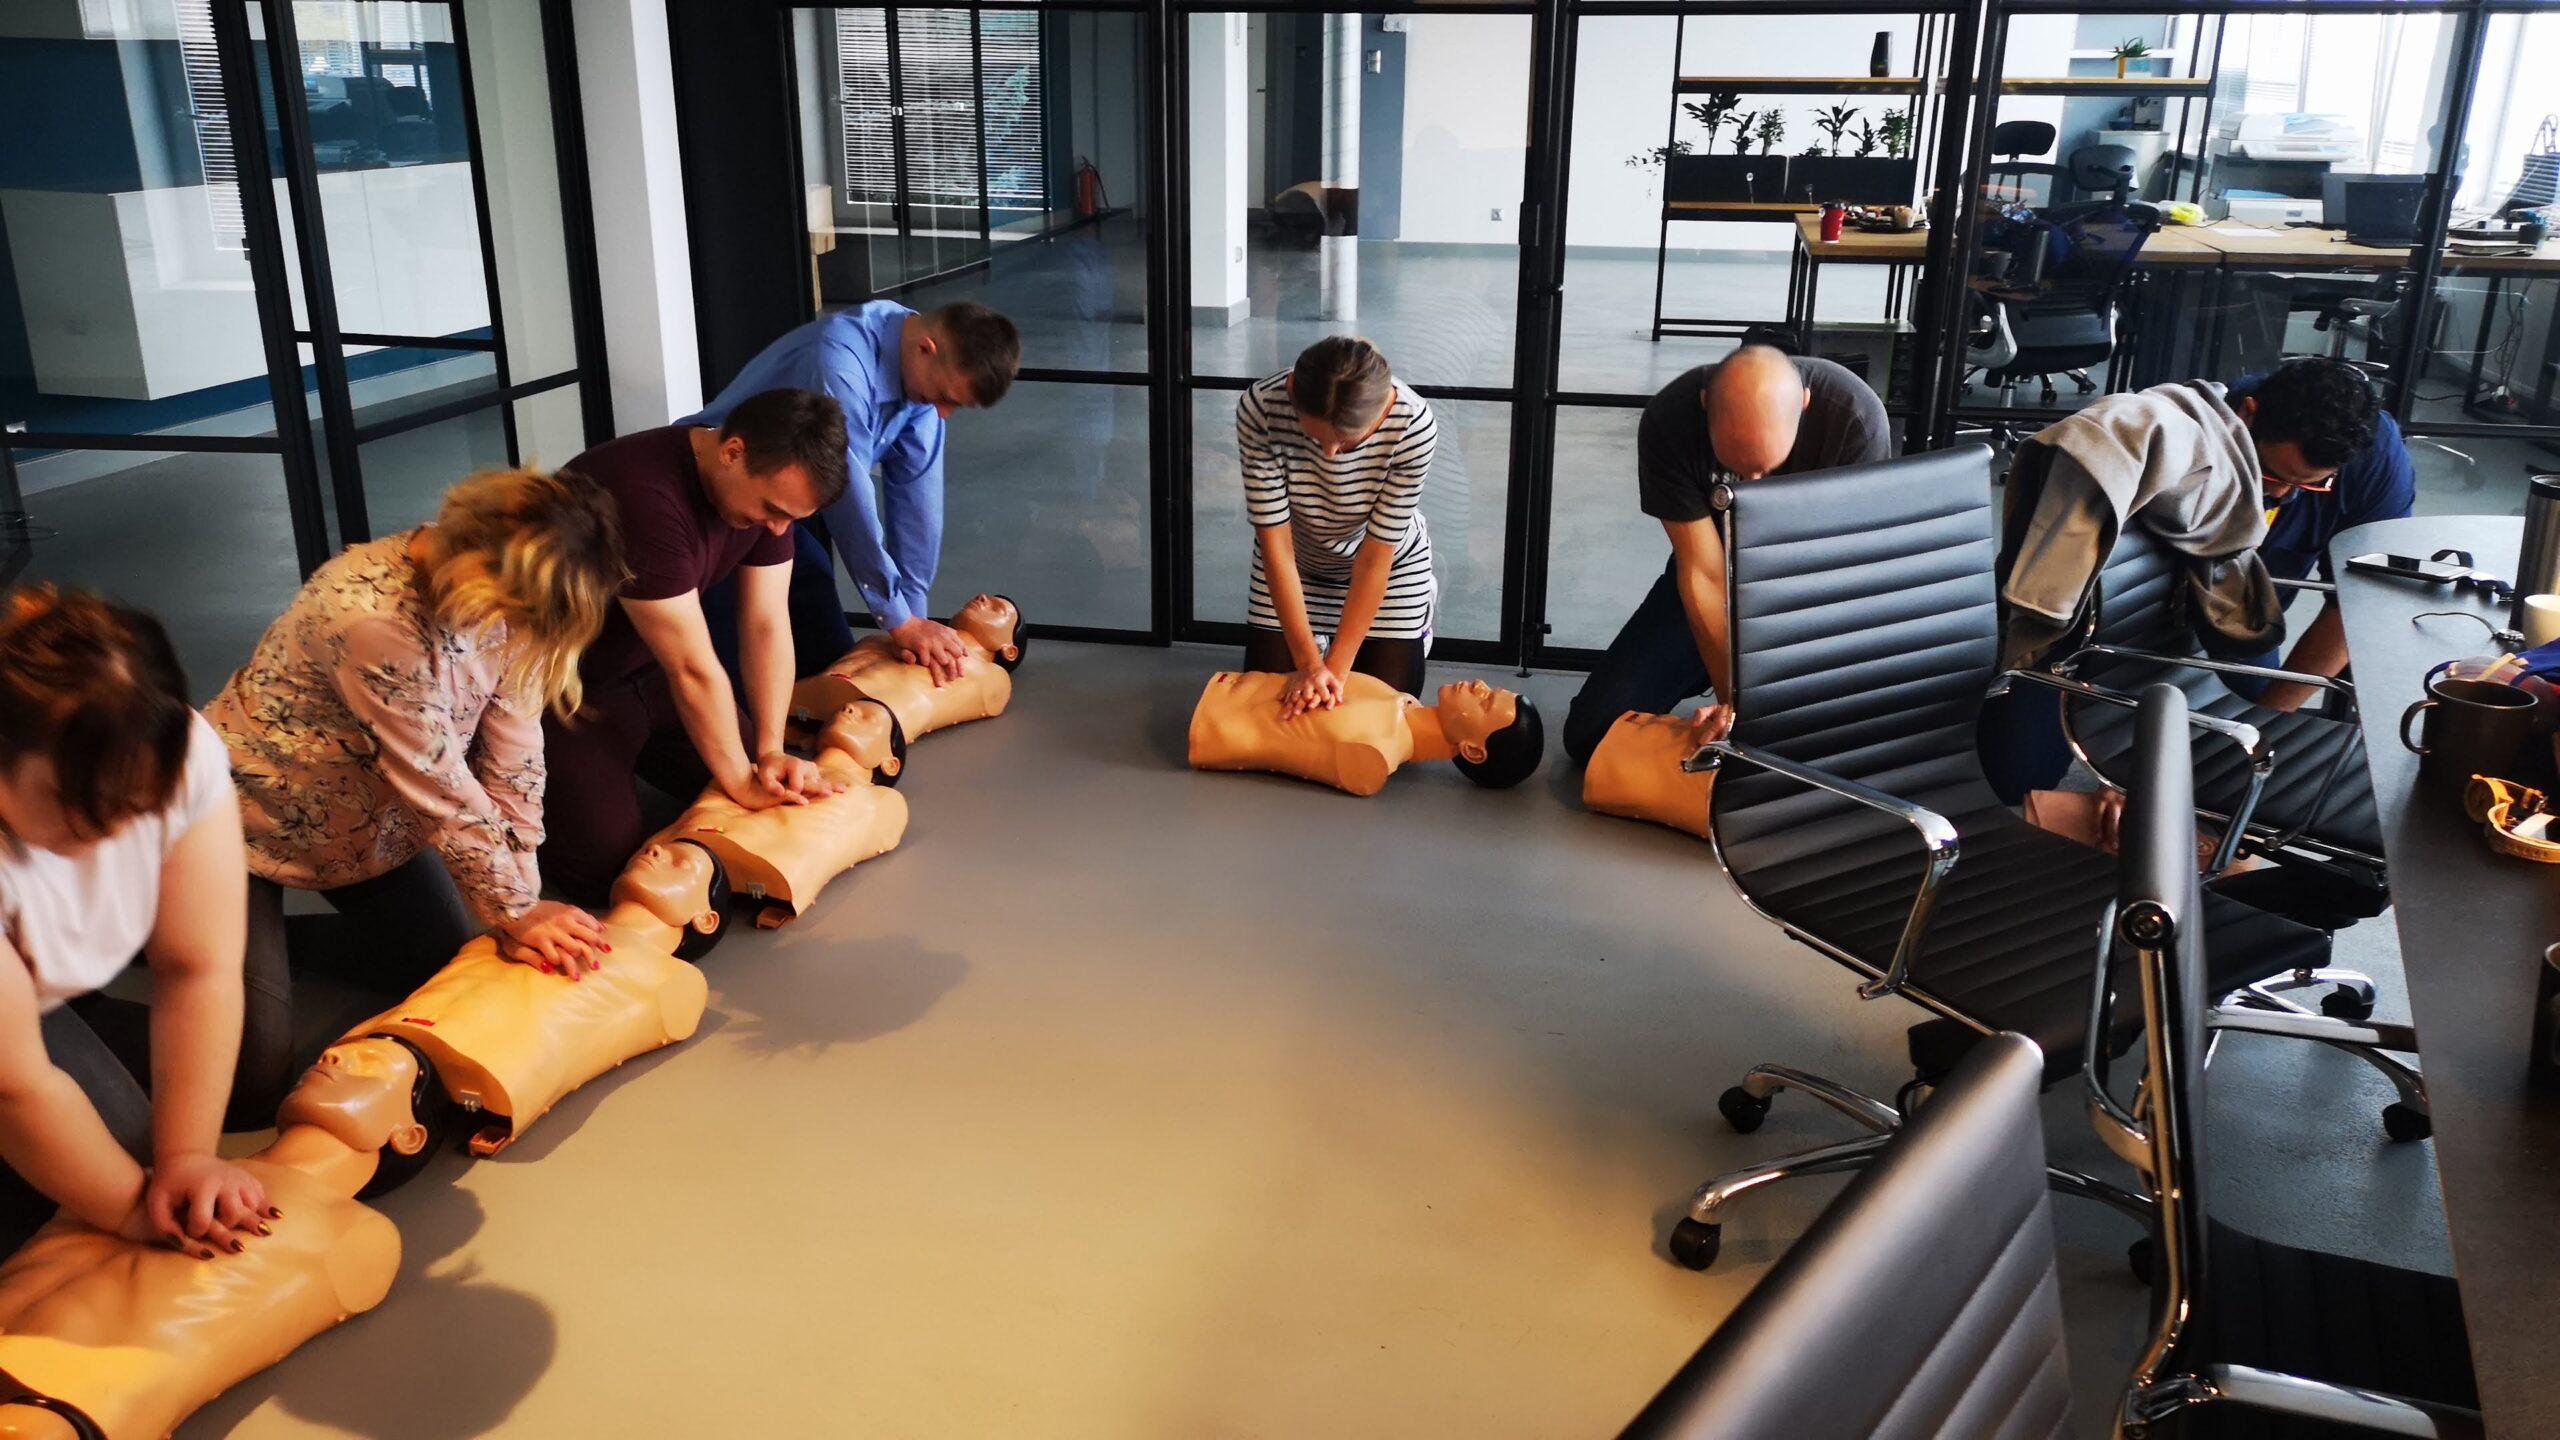 kurs pierwszej pomocy poznan